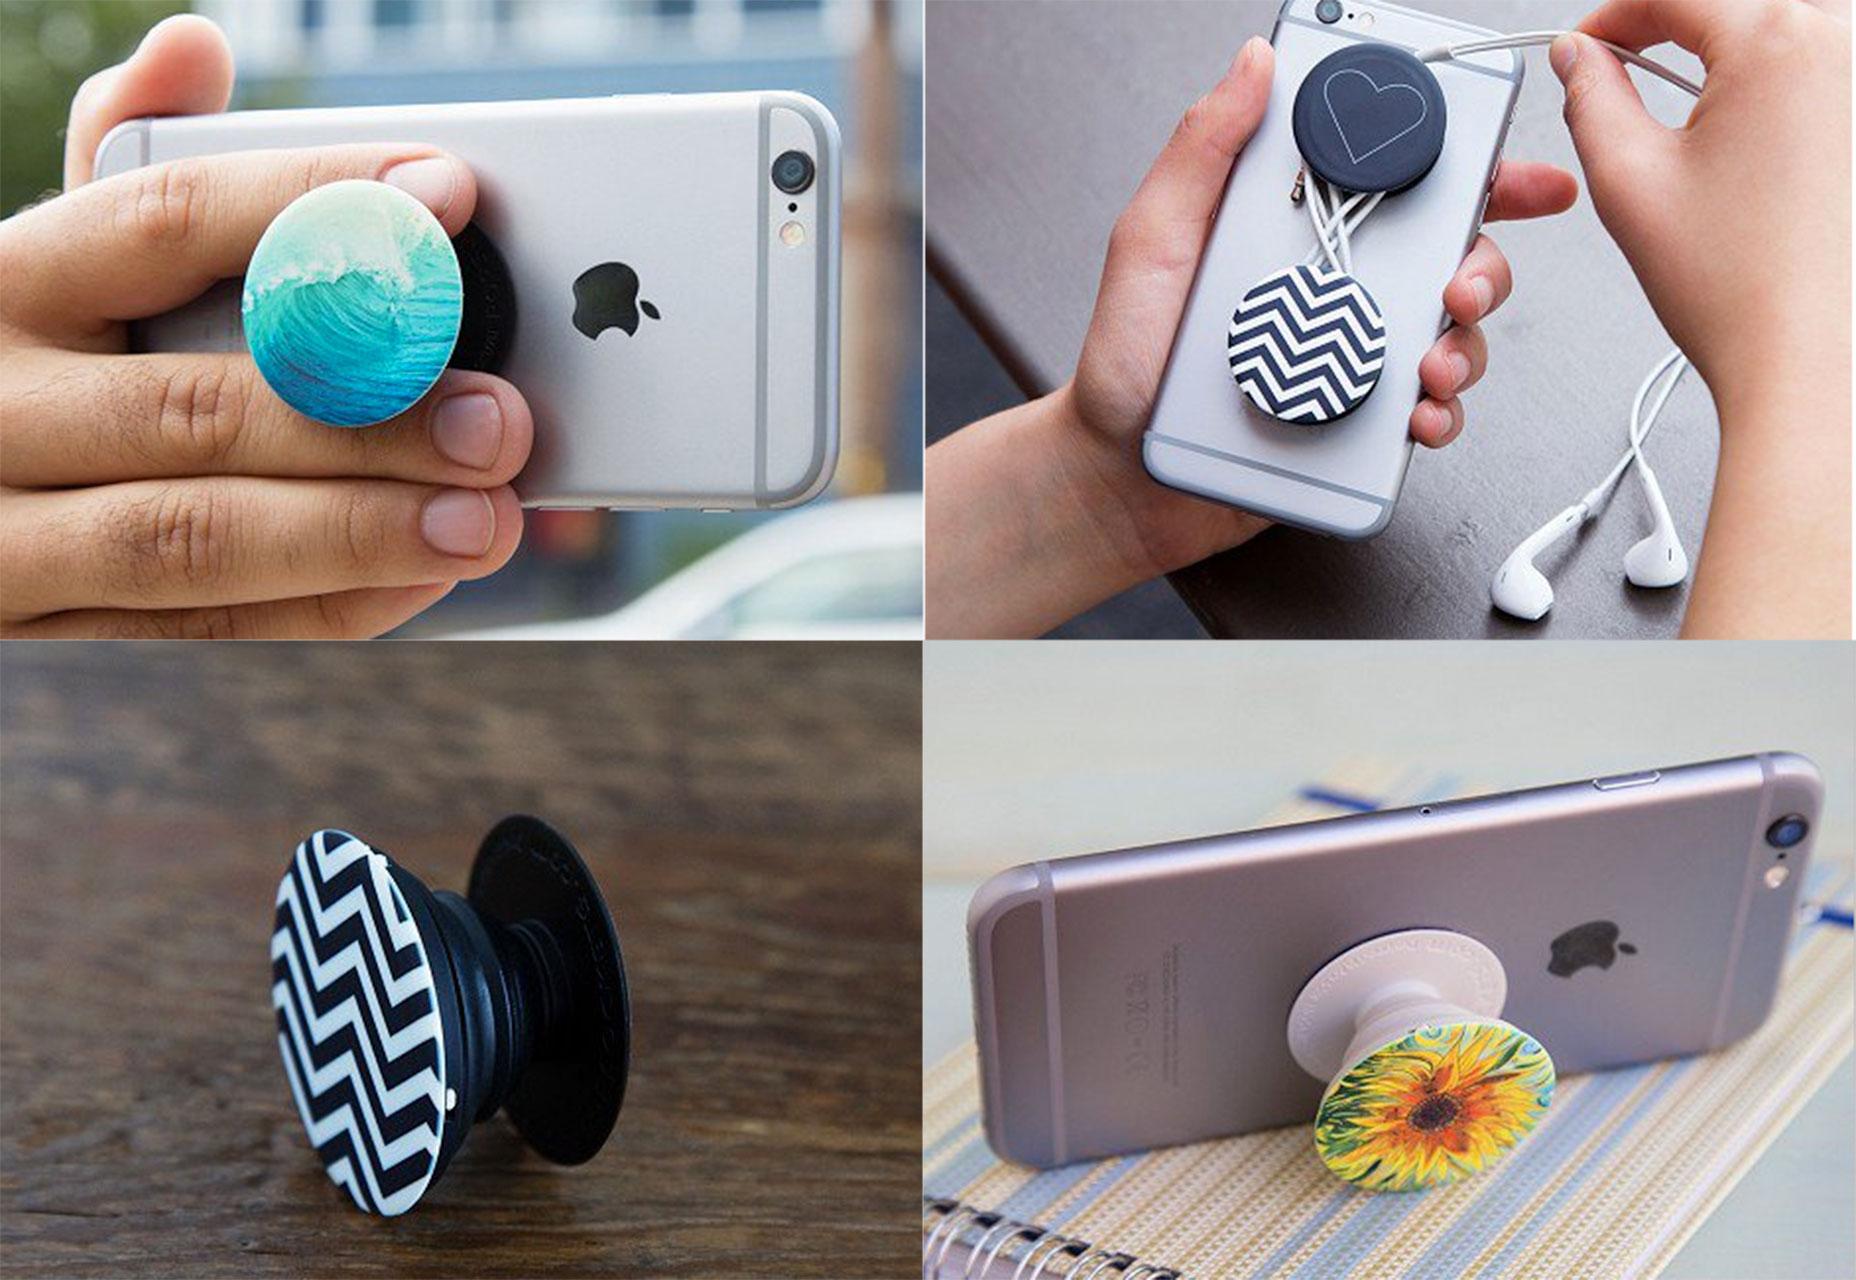 Ролик короткий для мобильного, Короткое видео - скачать порно на телефон андроид 24 фотография